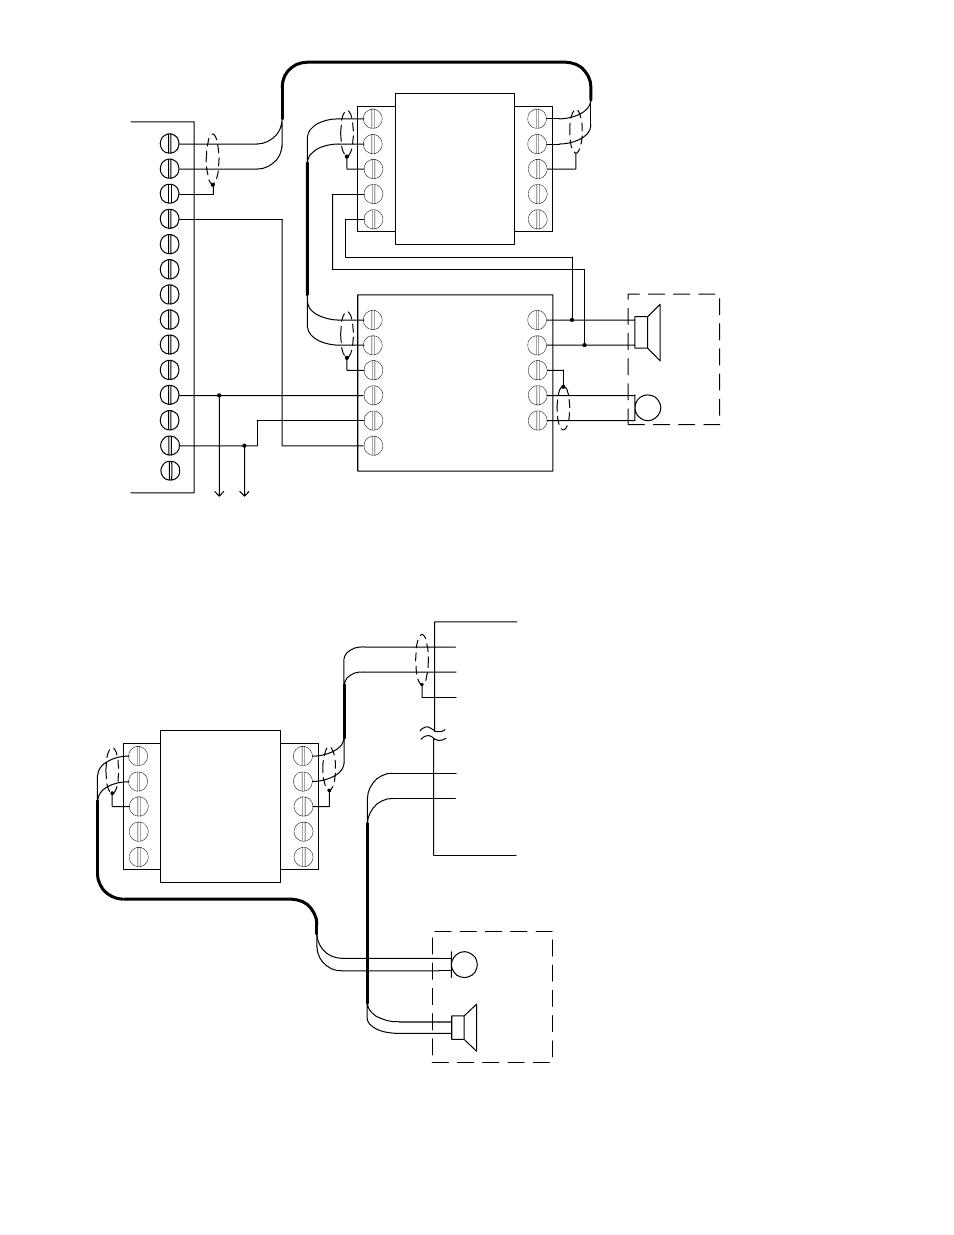 3m inter d20 wiring schematic basic inter schematic inter Hot Tub Wiring Guide 3m d15 wiring general data wiring diagram m inter d wiring schematic on basic